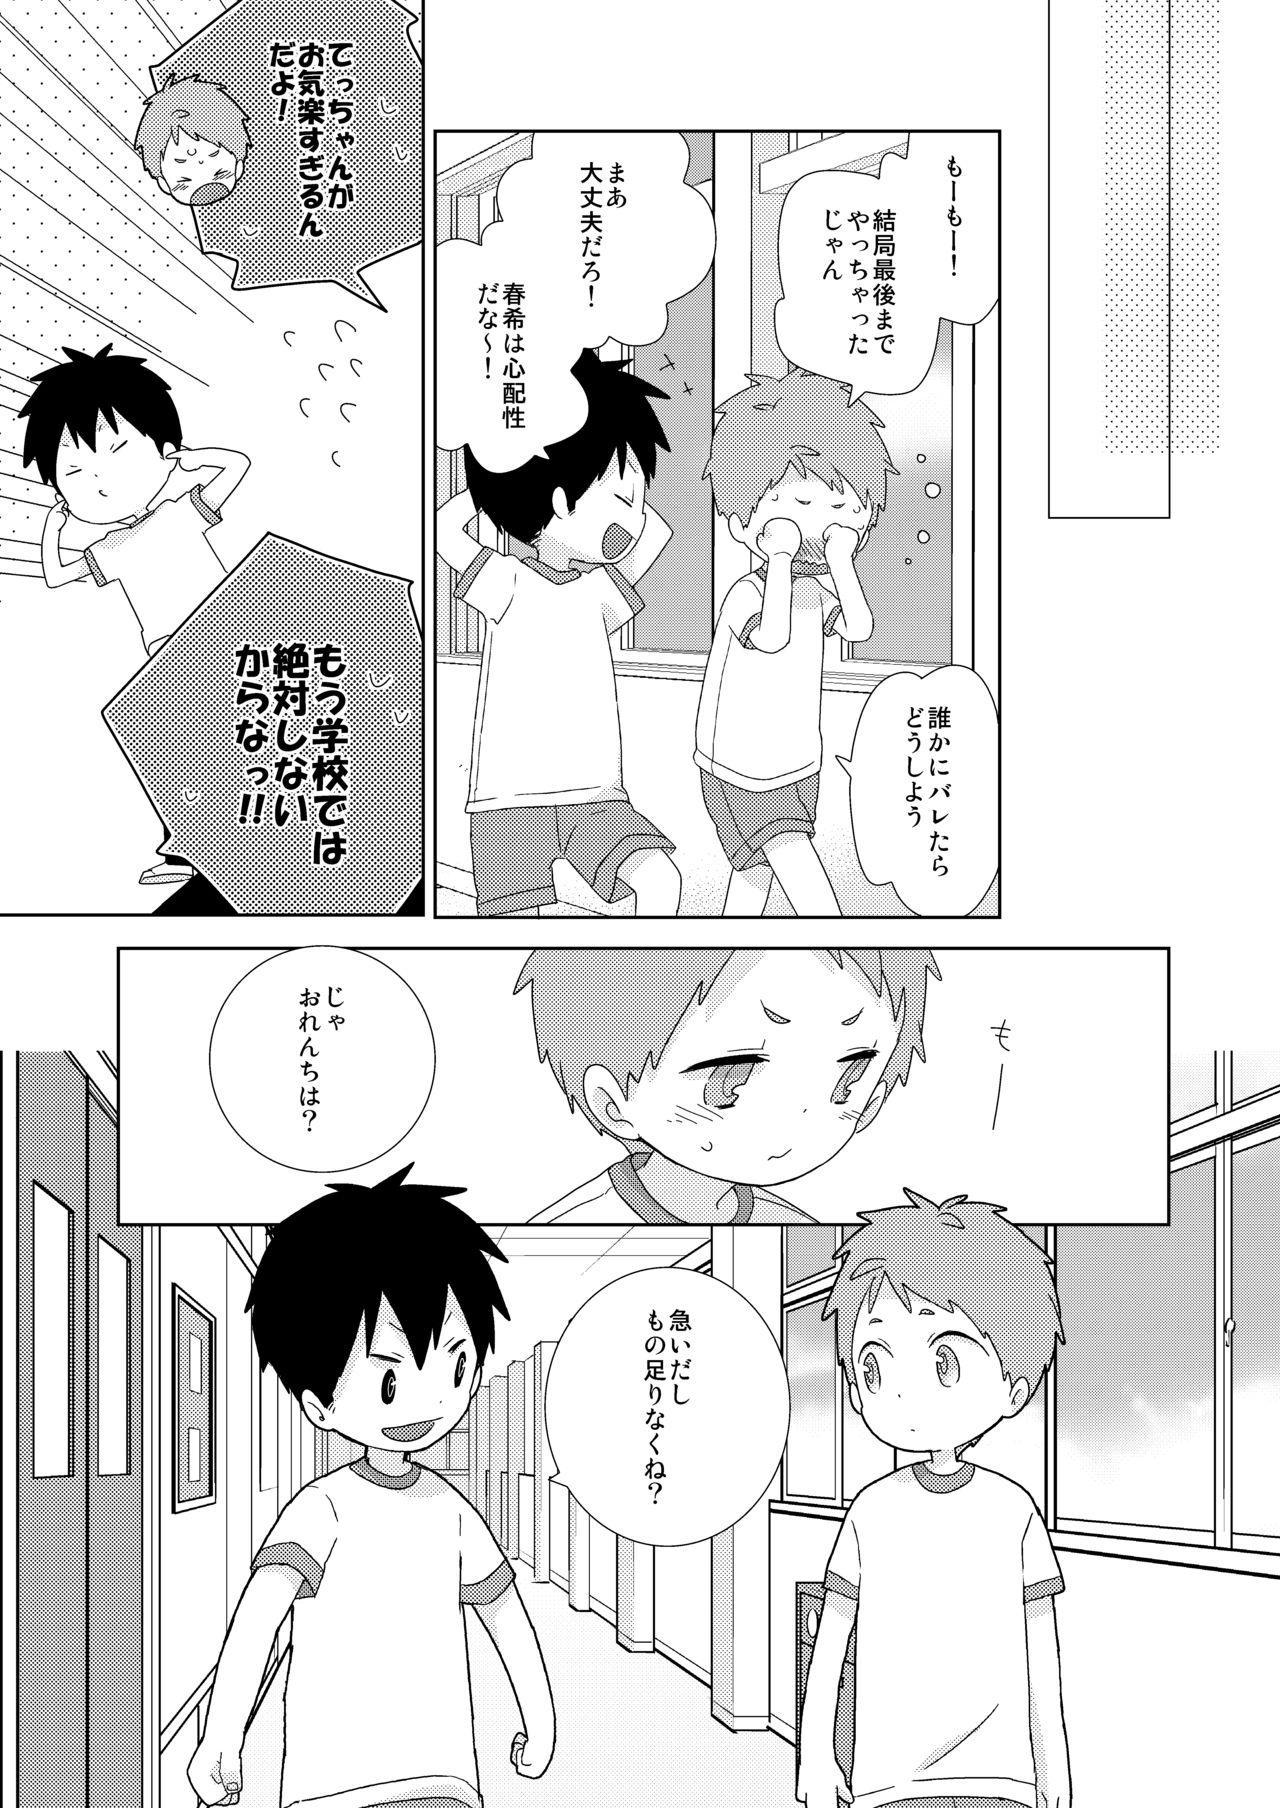 Tomodachi to wa Konna Koto Shinai! 20